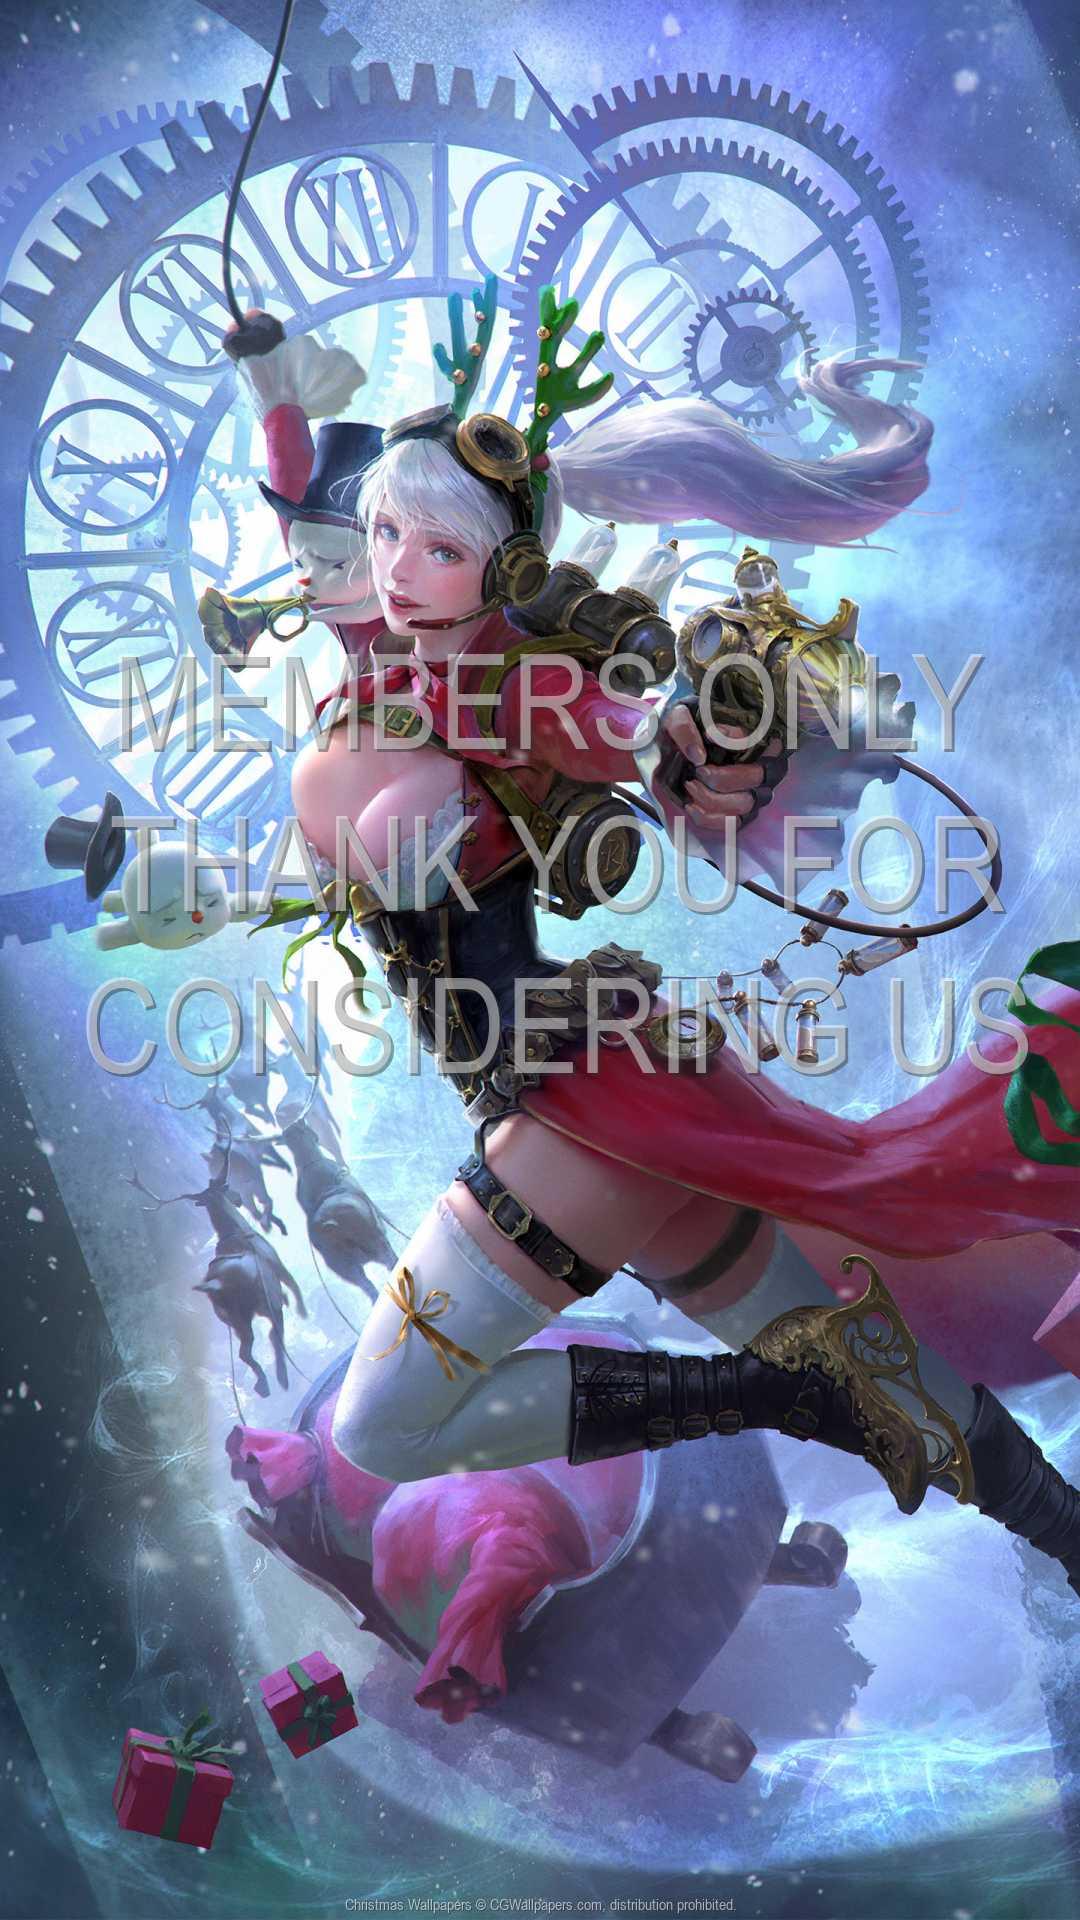 Christmas Wallpapers 1080p Vertical Mobile fond d'écran 02